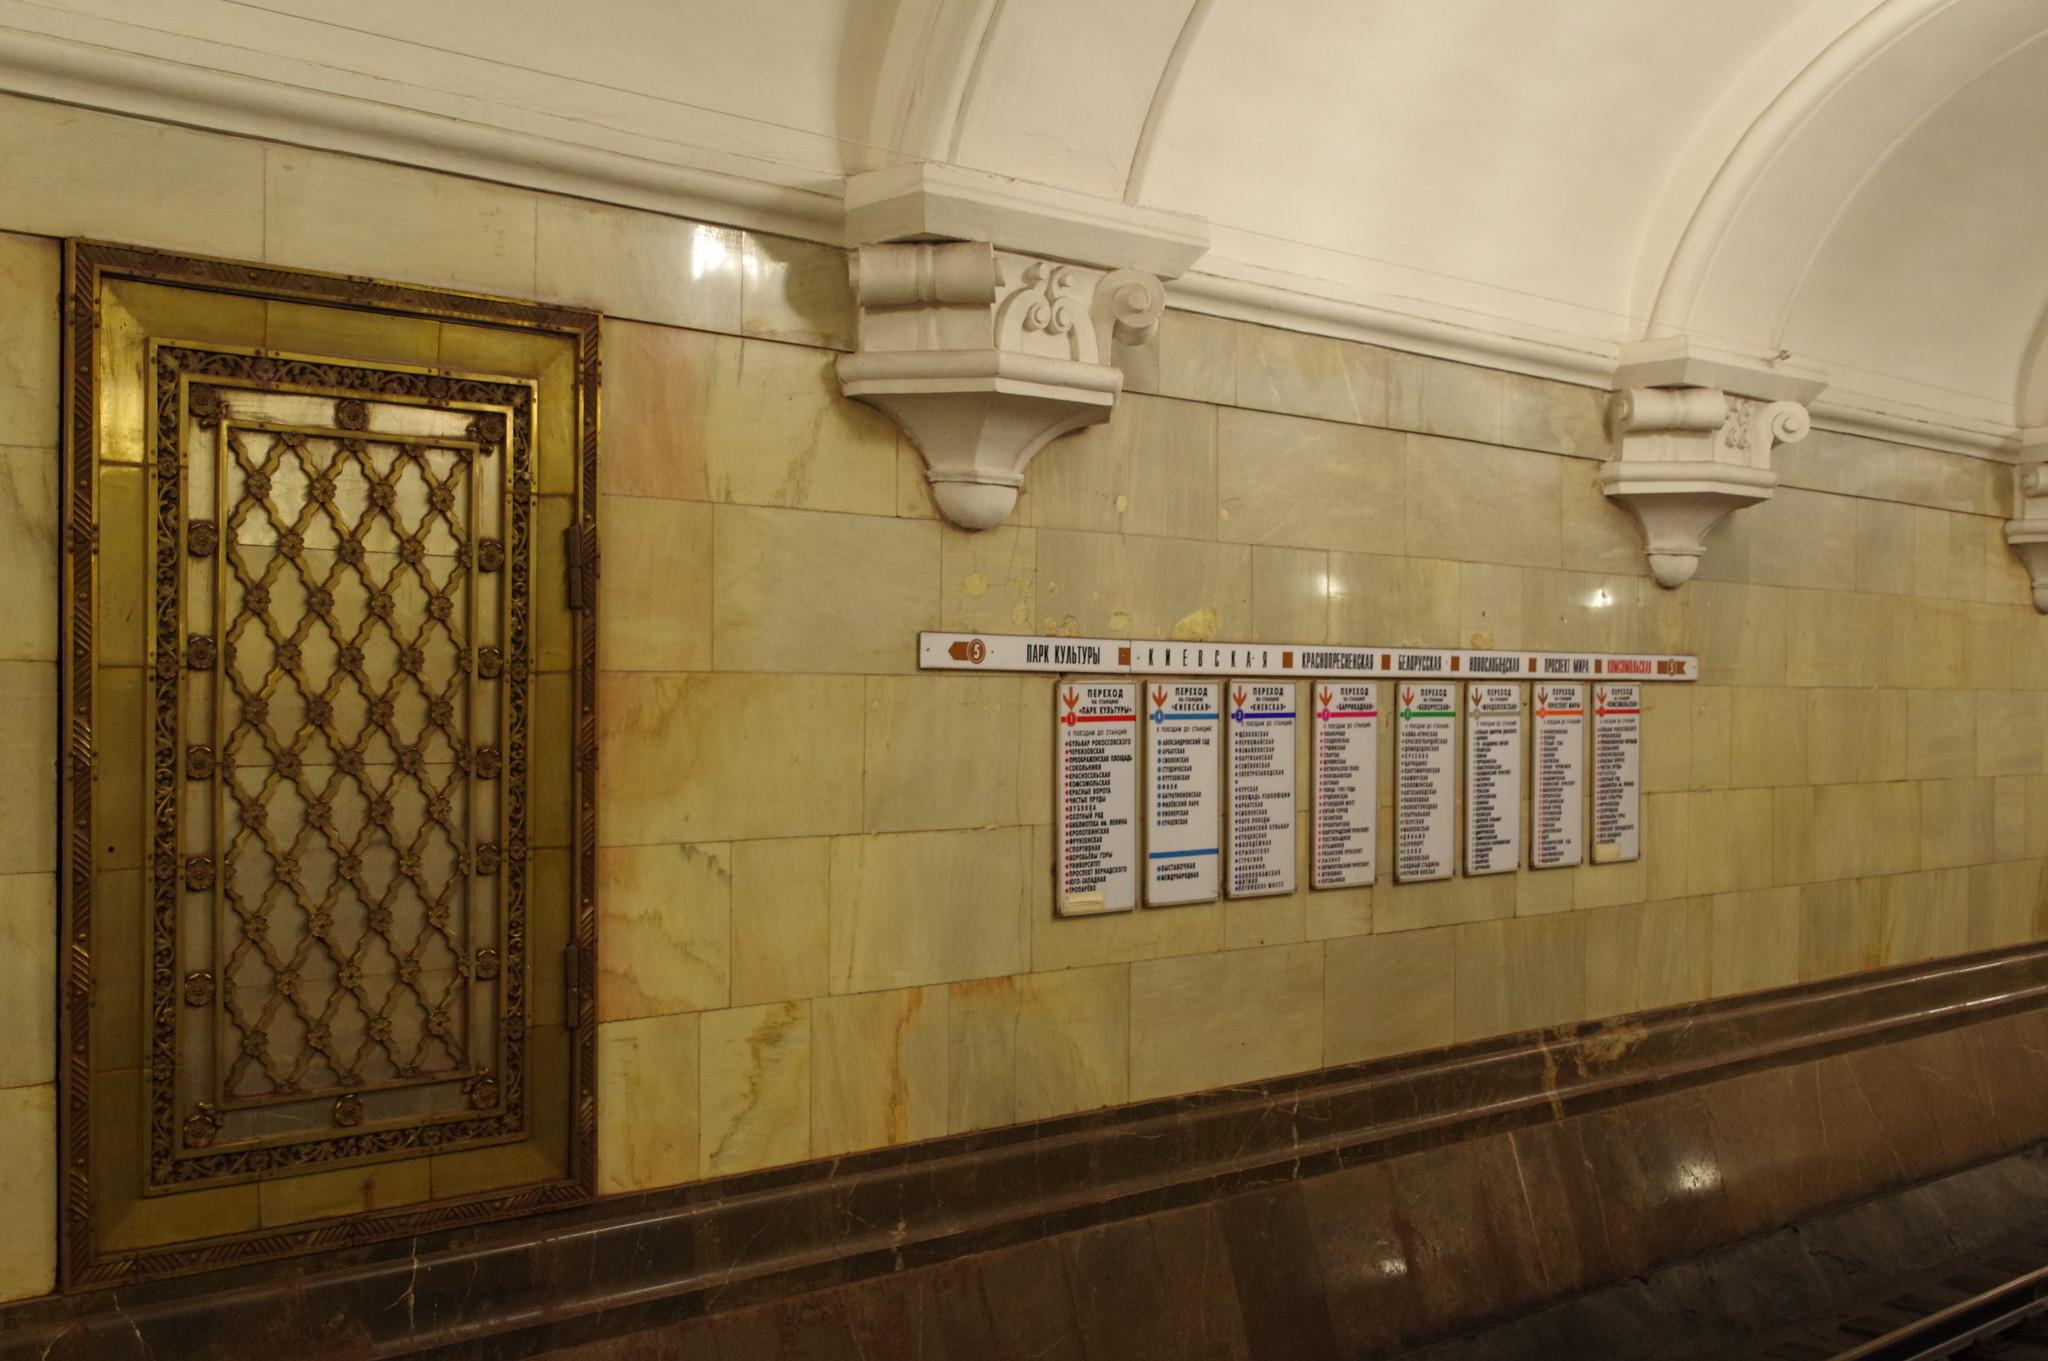 Станция «Комсомольская» Кольцевой линии Московского метрополитена